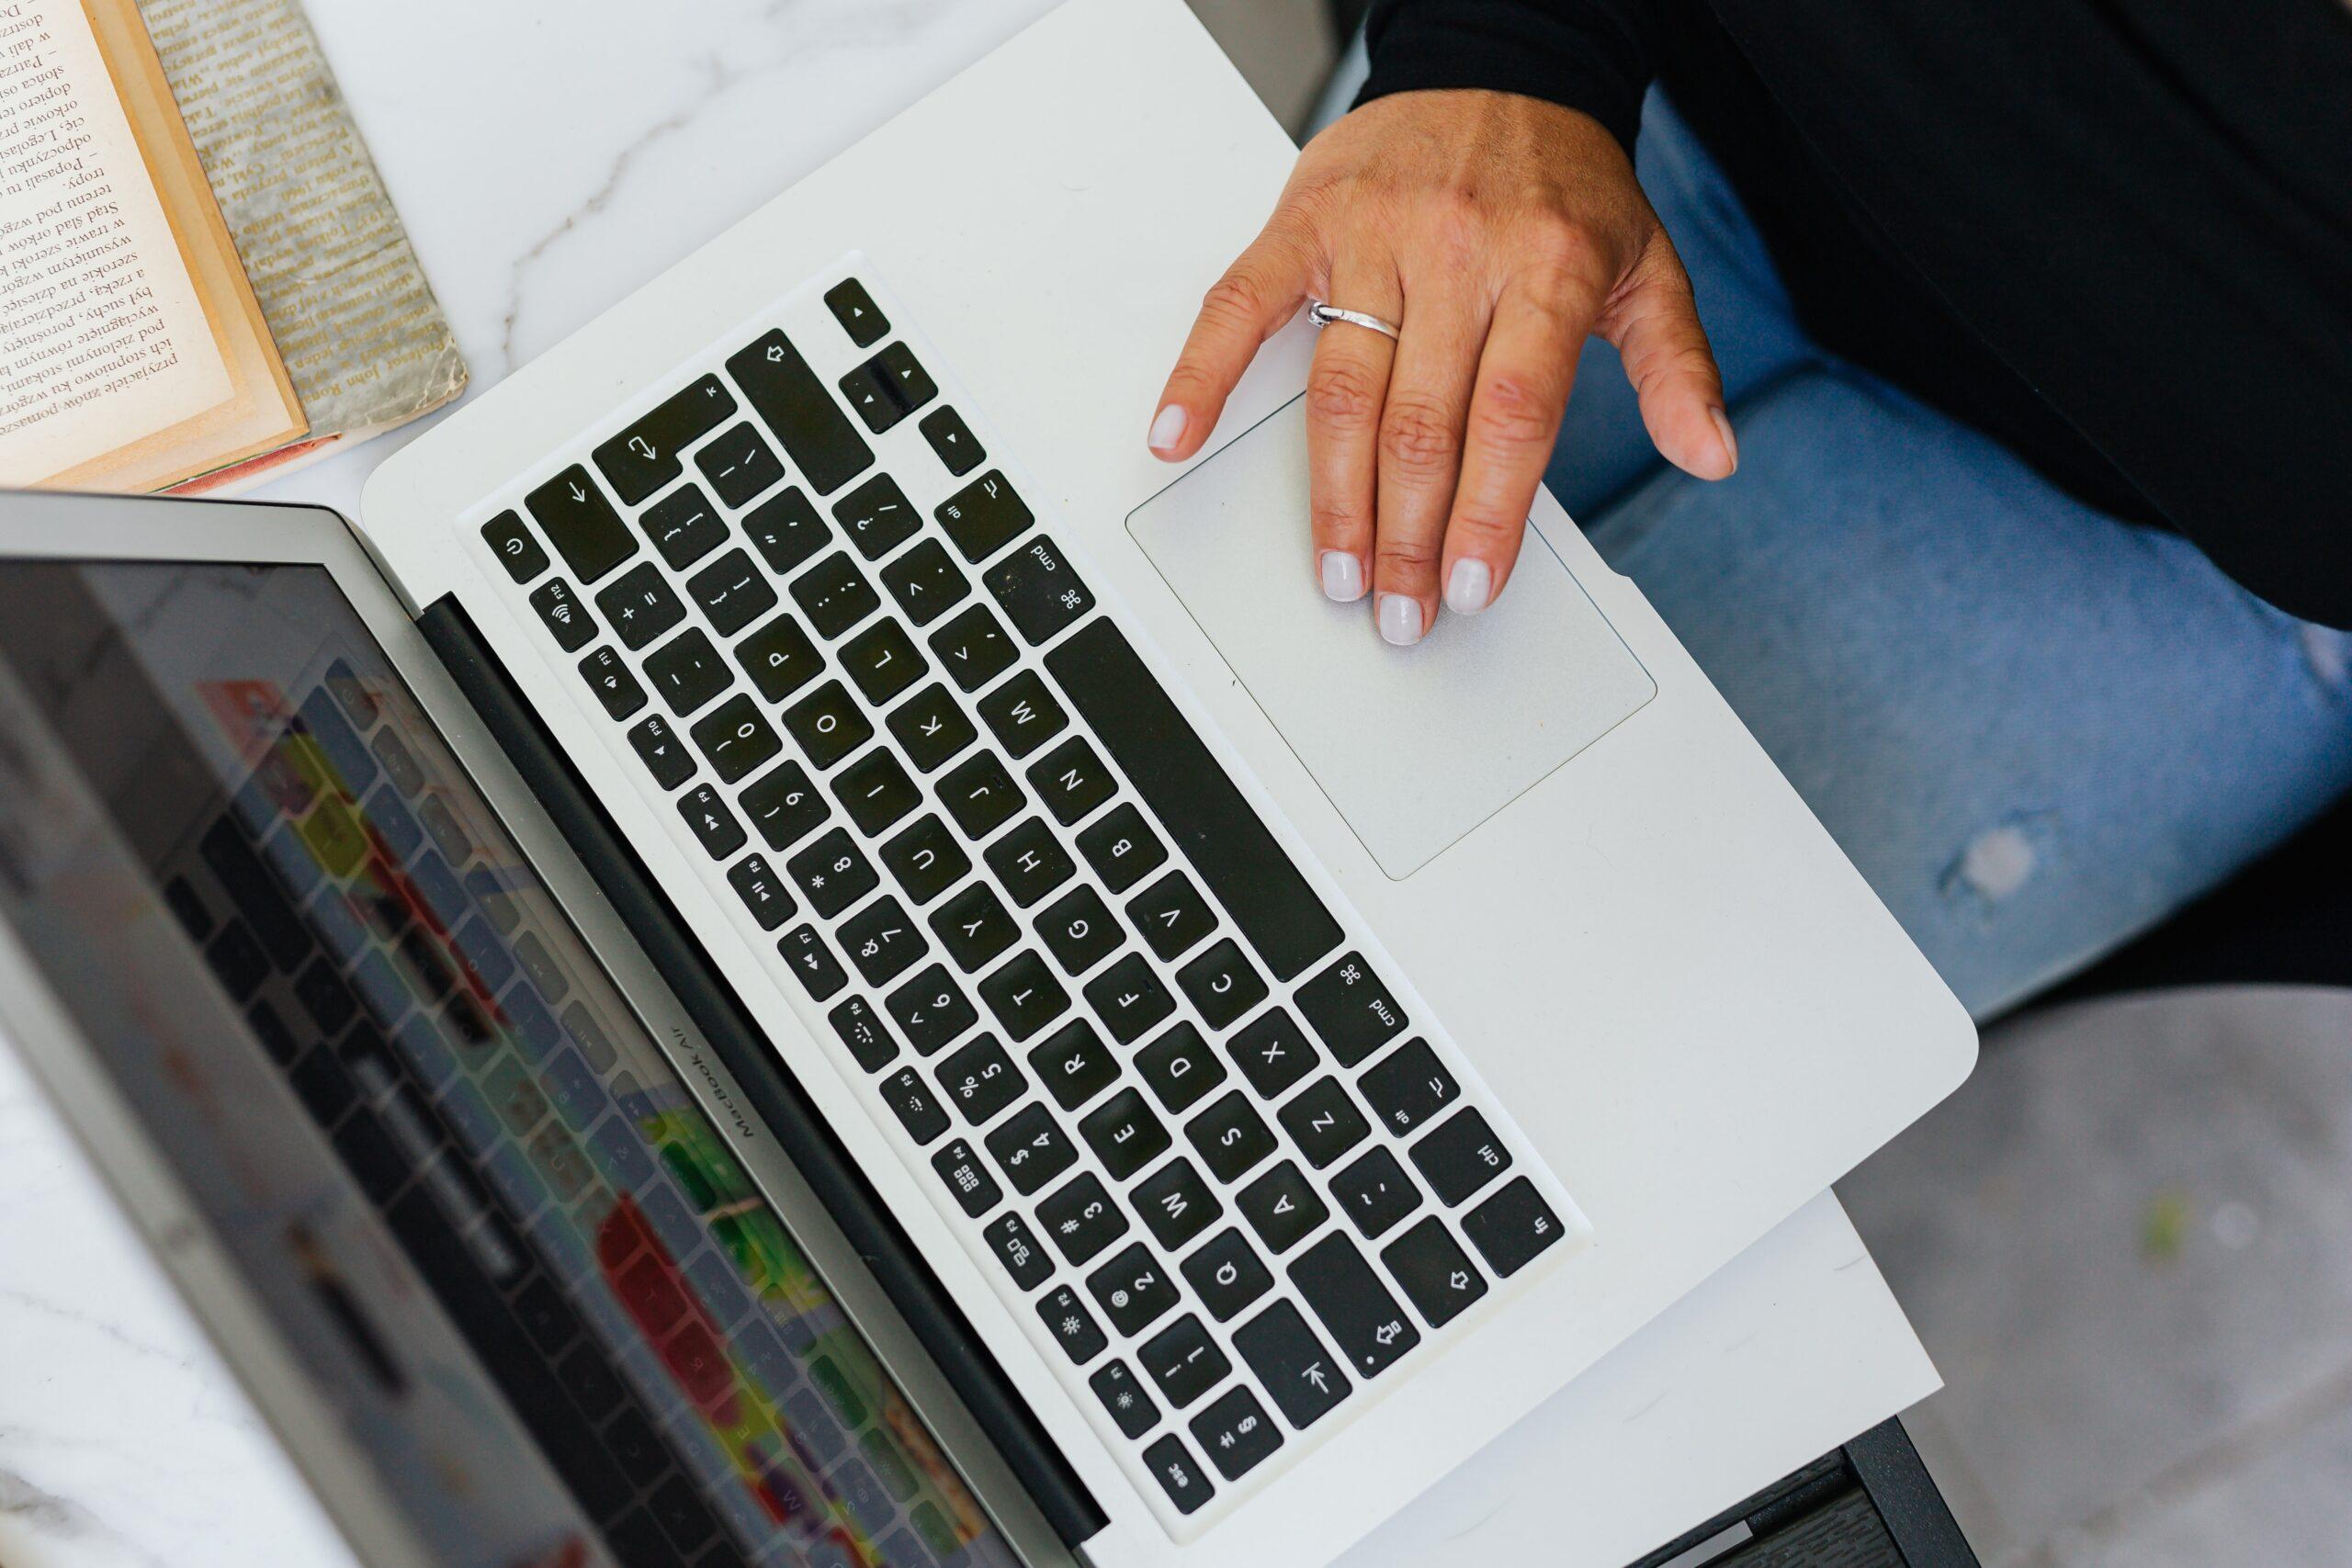 Финансовый онлайн маркетплейс – посредник, которому можно доверять